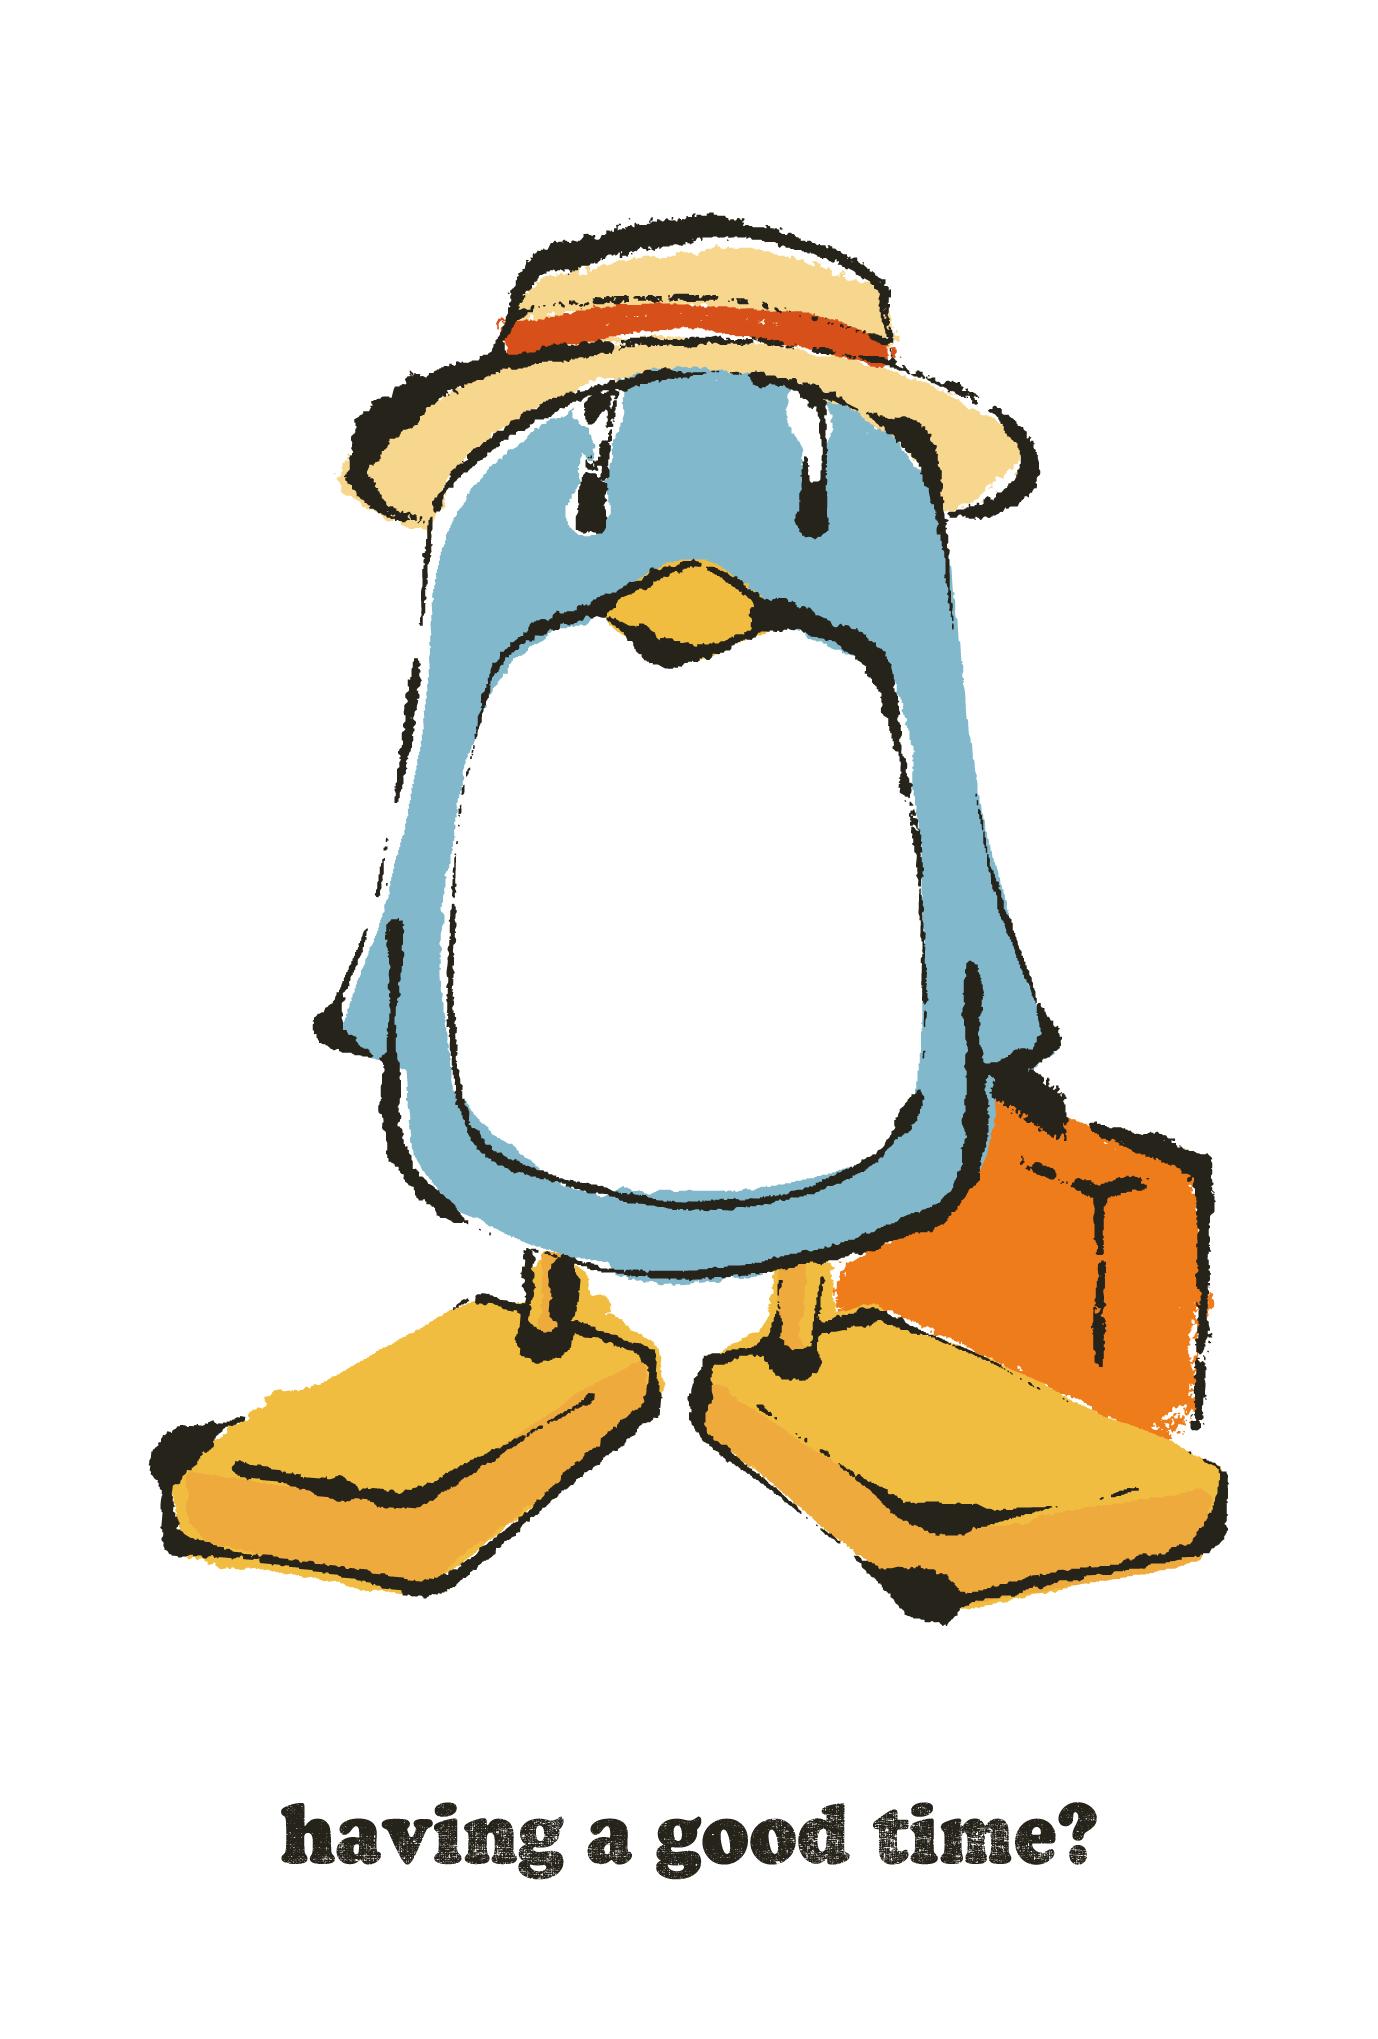 サマーカード58:The traveling penguinsのダウンロード画像